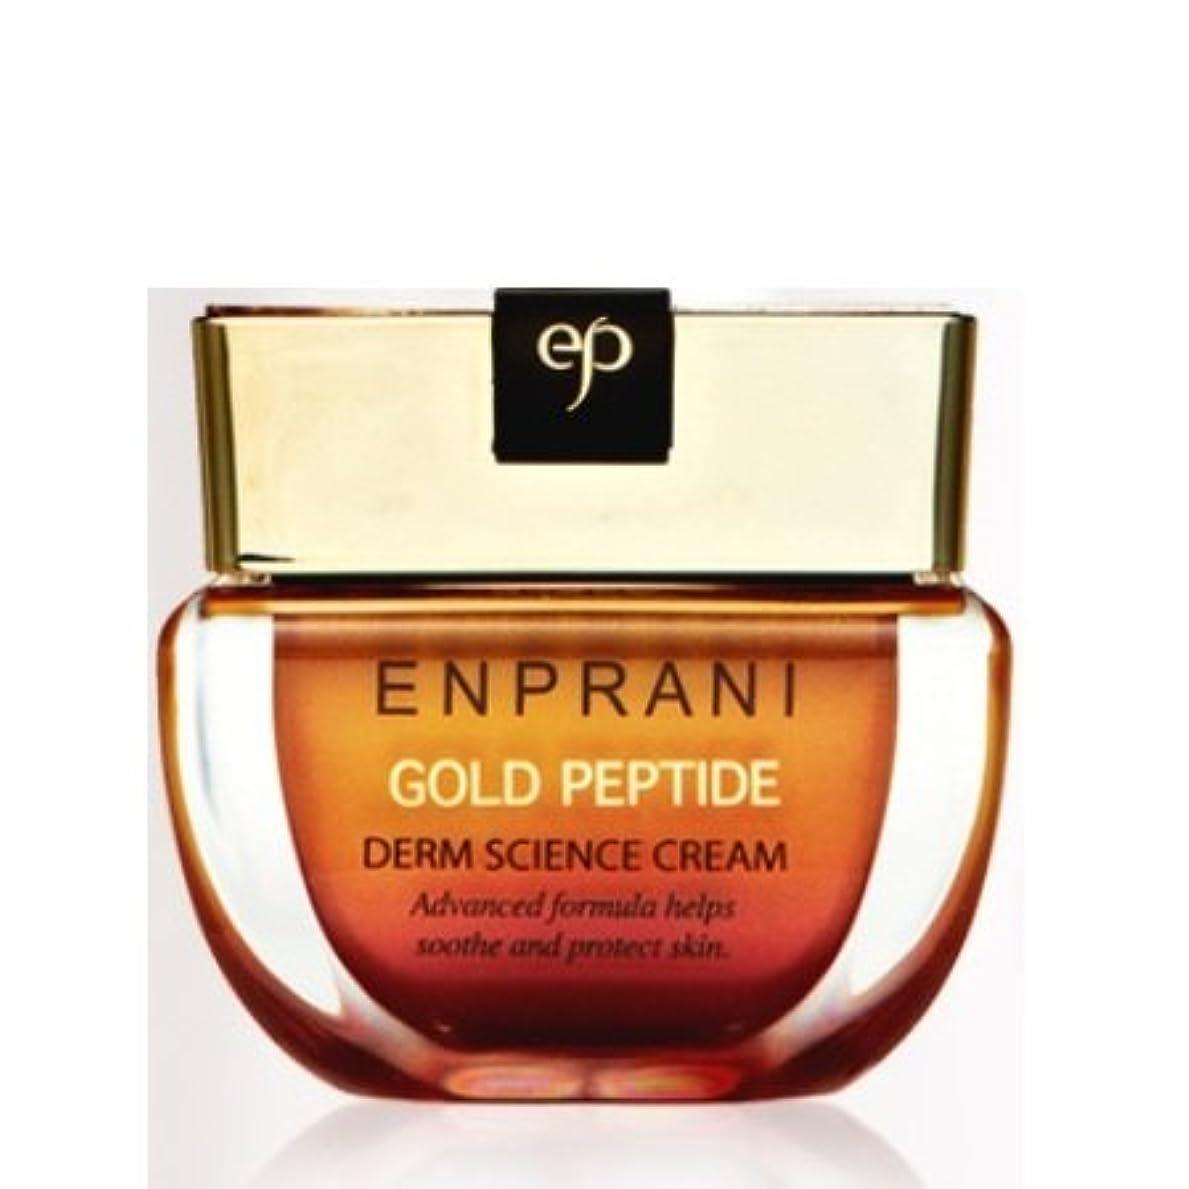 窒息させるライオン以降ENPRANI GOLD PEPTIDE DERM SCIENCE CREAM 45ml / エンプラニ ゴールドペプチドダームサイエンスクリーム 45ml [並行輸入品]